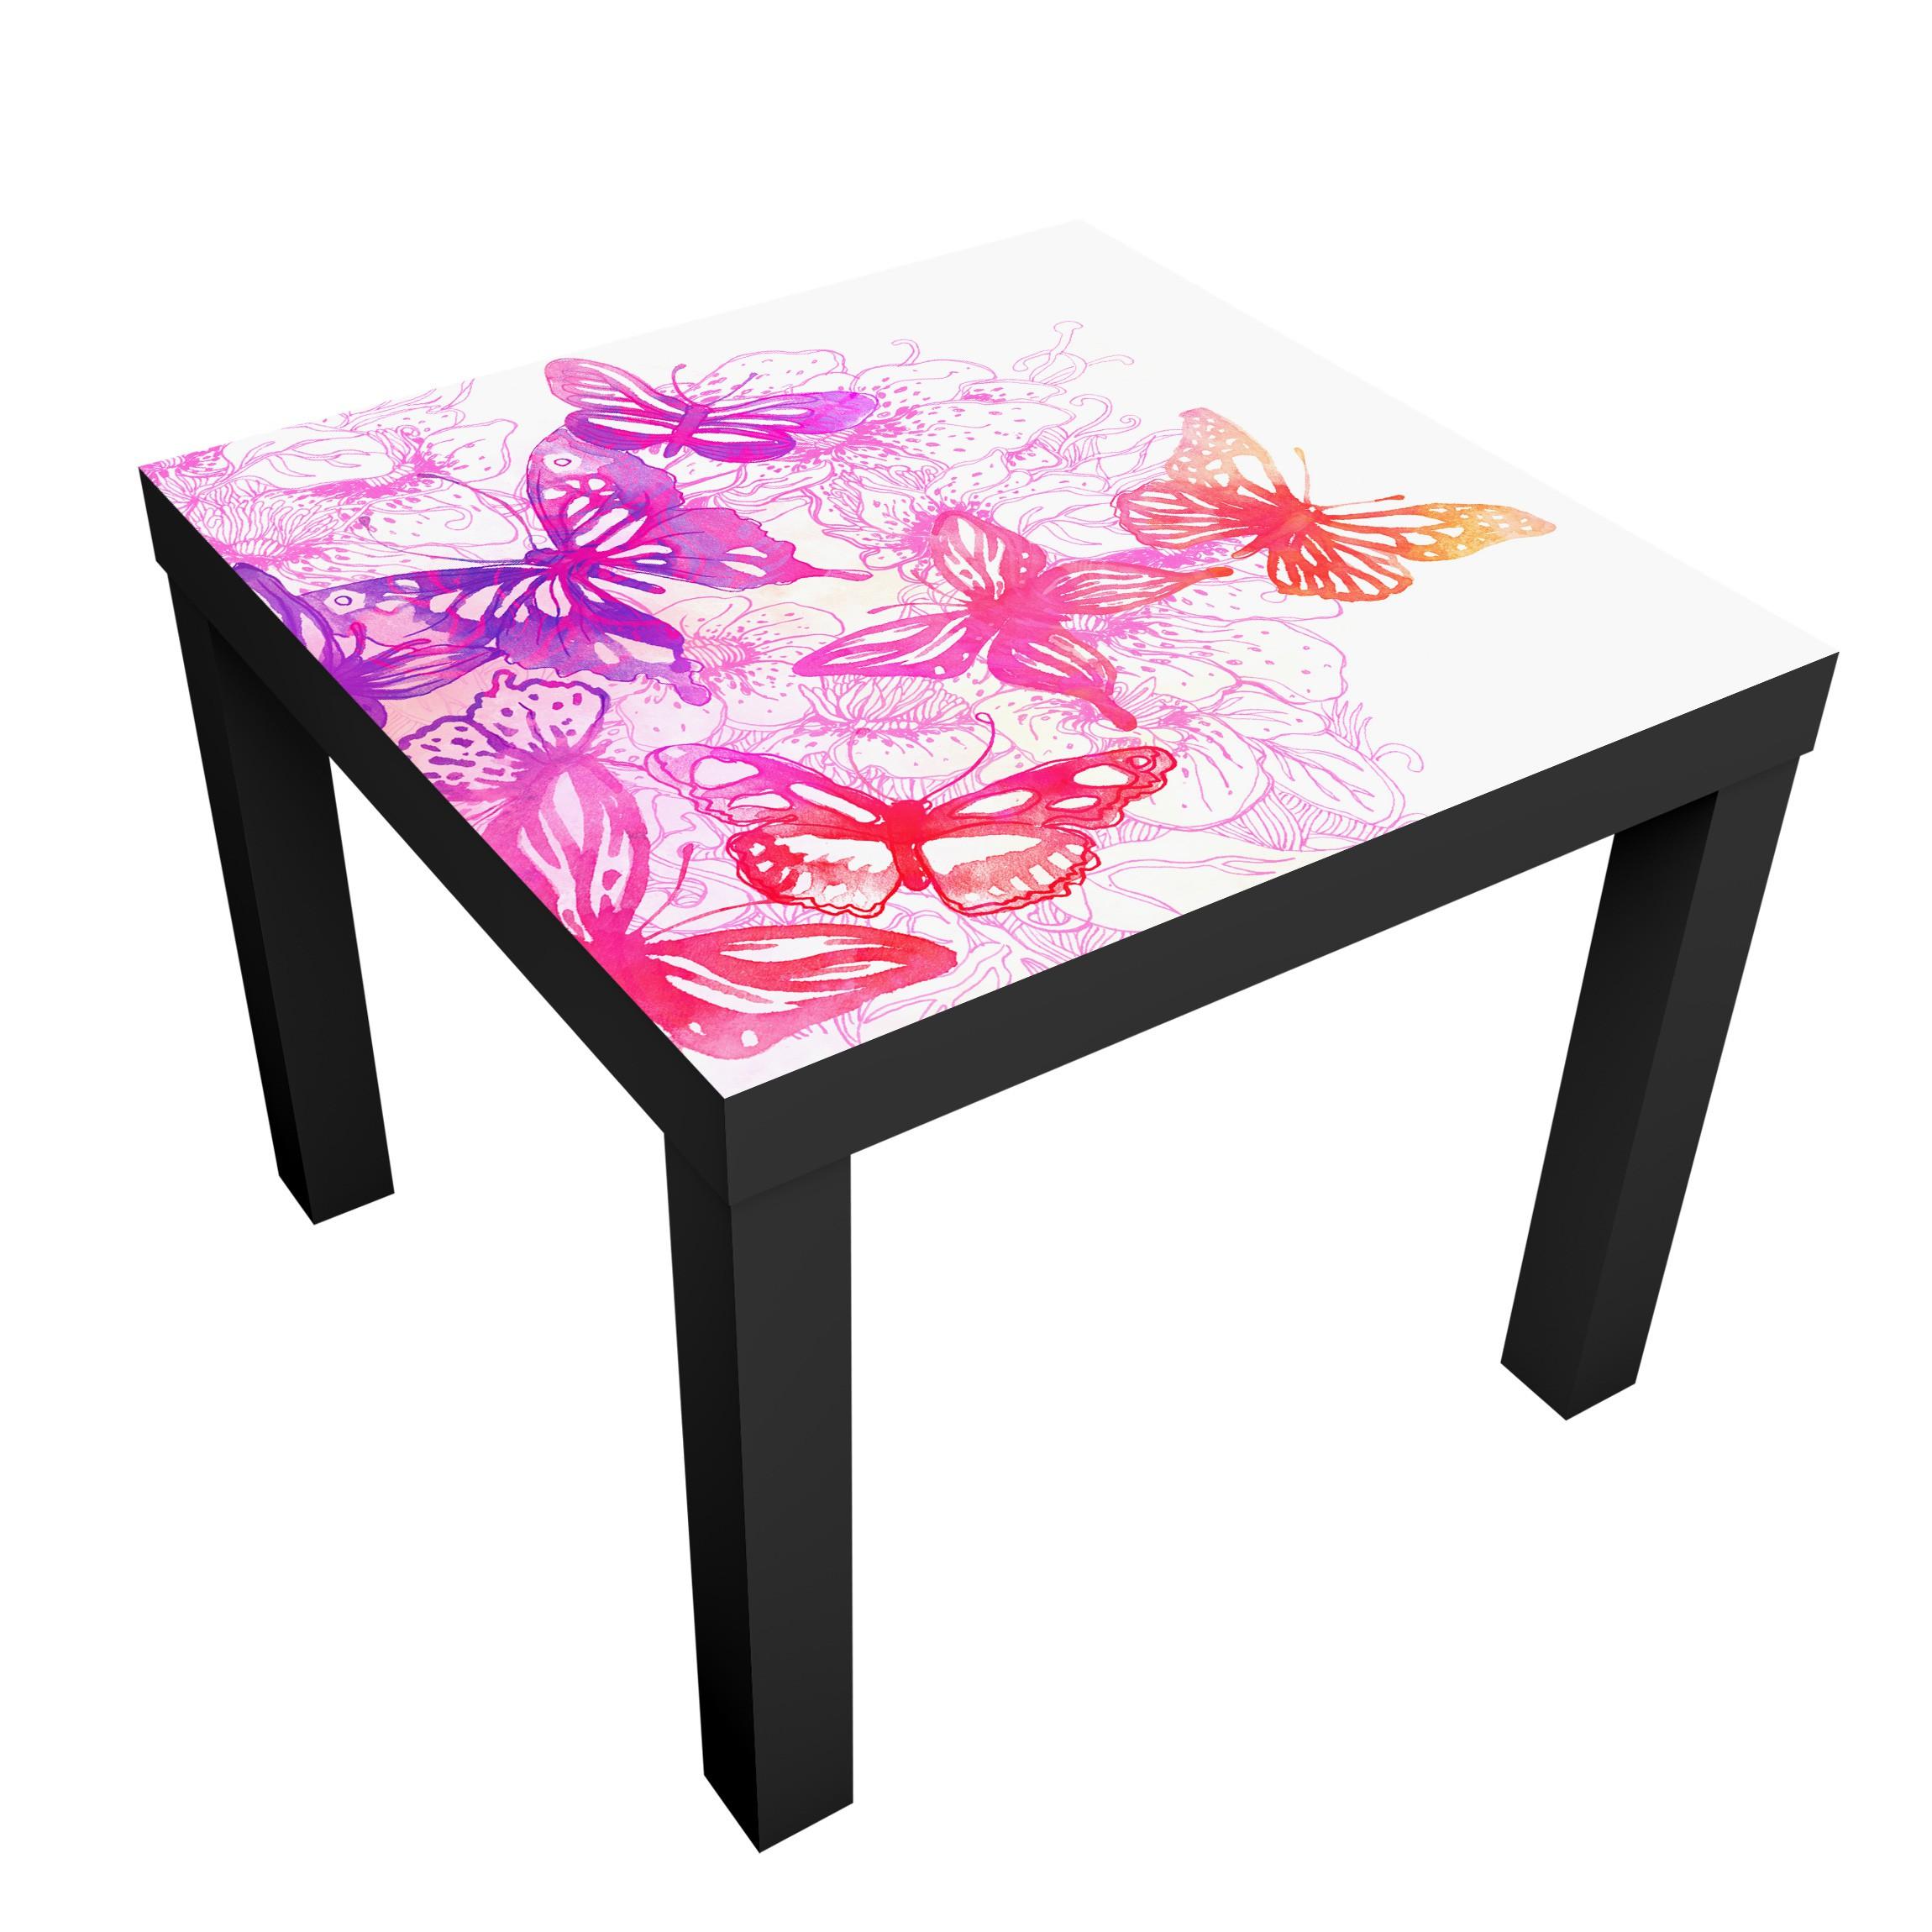 Carta adesiva per mobili ikea lack tavolino butterfly dream - Carta per foderare mobili ...